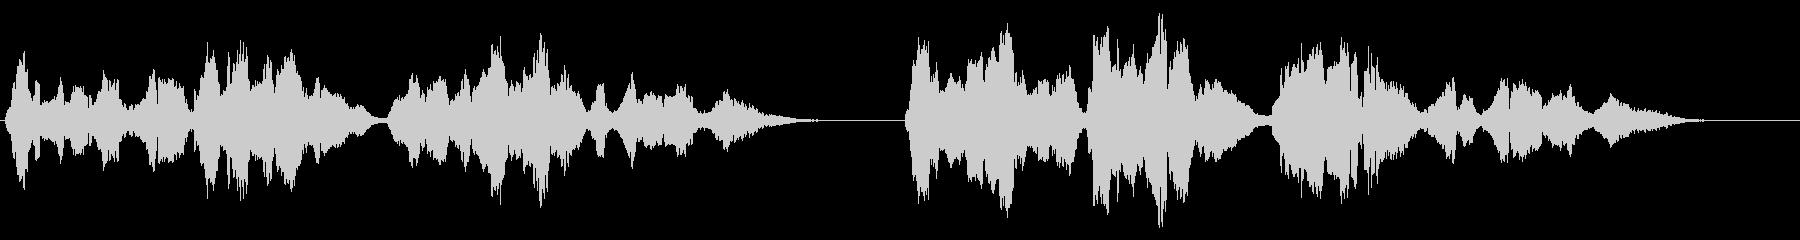 夏の星空・感動的なバイオリン演奏・独奏版の未再生の波形